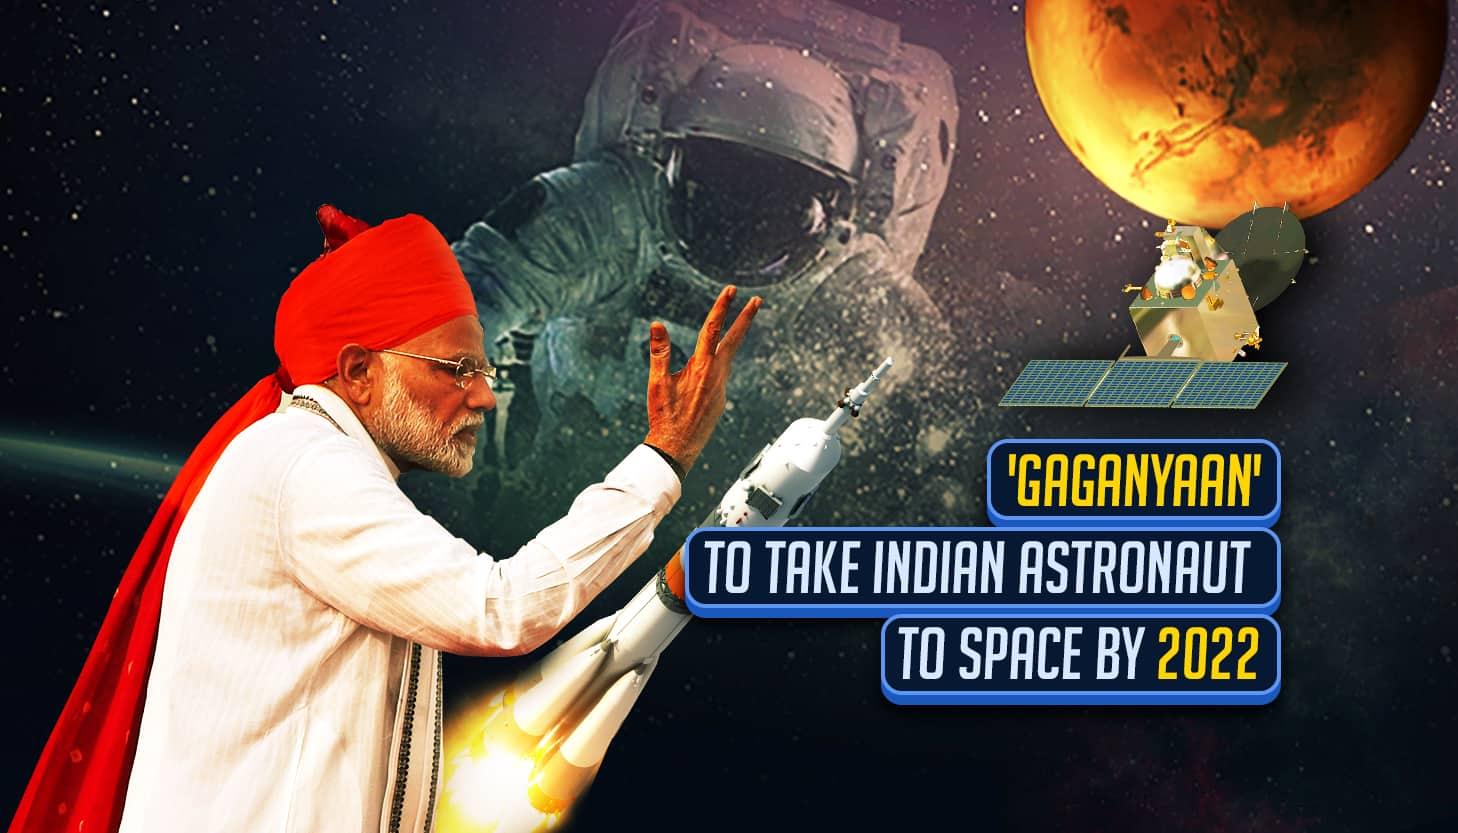 PM Modi, Narendra Modi, India news, Mangalyaan, Chandrayaan, Gaganyaan, ISRO